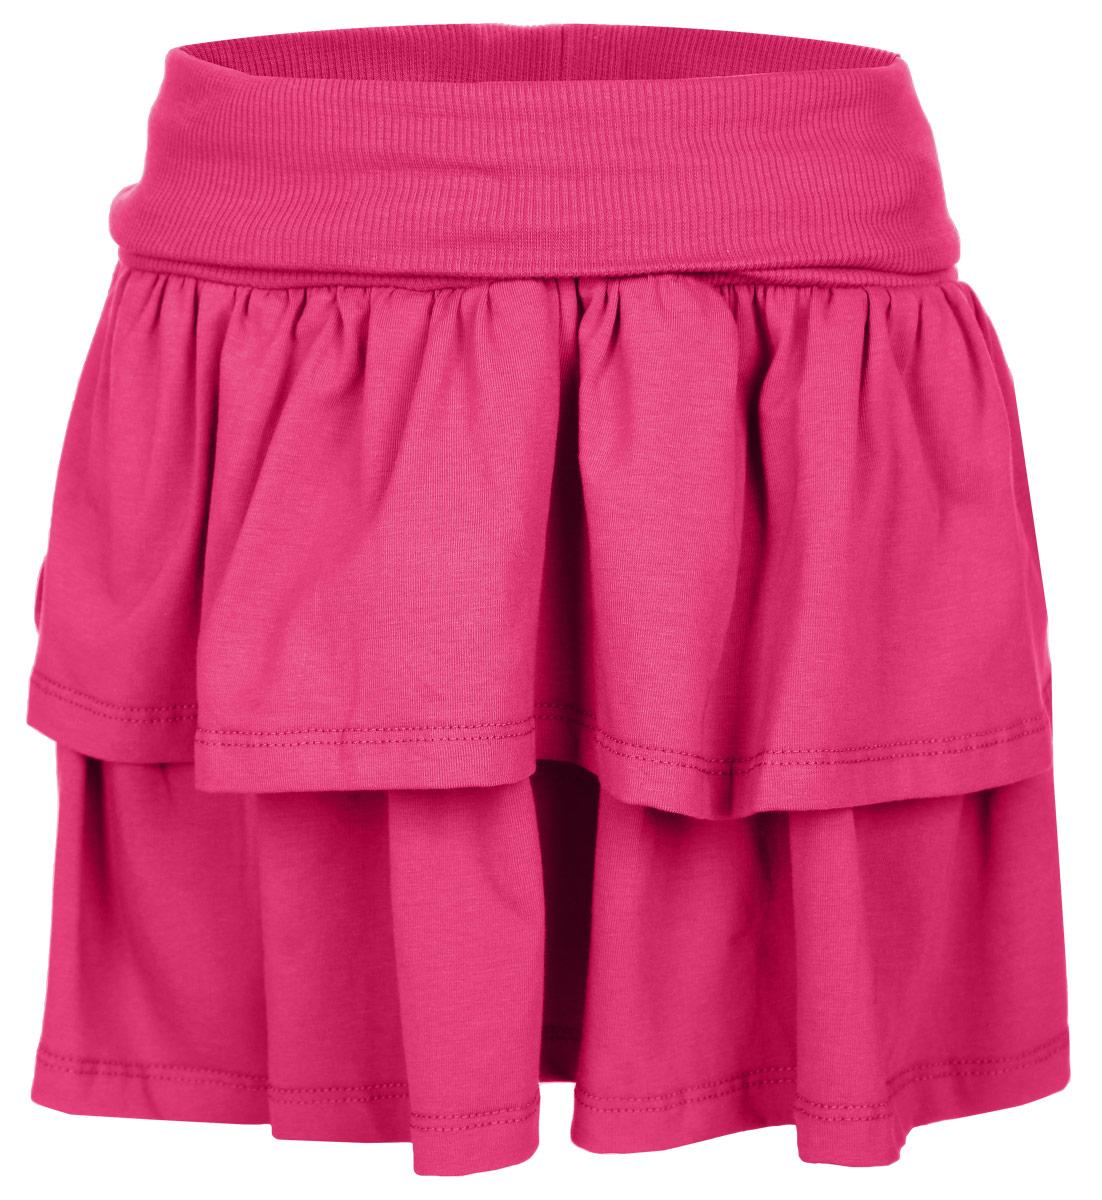 Юбка для девочки. 352063 - PlayToday352063Очаровательная юбка для девочки PlayToday идеально подойдет вашей моднице и станет отличным дополнением к детскому гардеробу. Изготовленная из эластичного хлопка, она мягкая и приятная на ощупь, не сковывает движения и позволяет коже дышать, не раздражает нежную кожу ребенка, обеспечивая ему наибольший комфорт. Юбка трапециевидного кроя на талии имеет широкую трикотажную резинку с отворотом, благодаря чему она не сдавливает животик. Модель дополнена двойной оборкой, придающей изделию пышность. В такой юбочке ваша маленькая принцесса будет чувствовать себя комфортно, уютно и всегда будет в центре внимания!